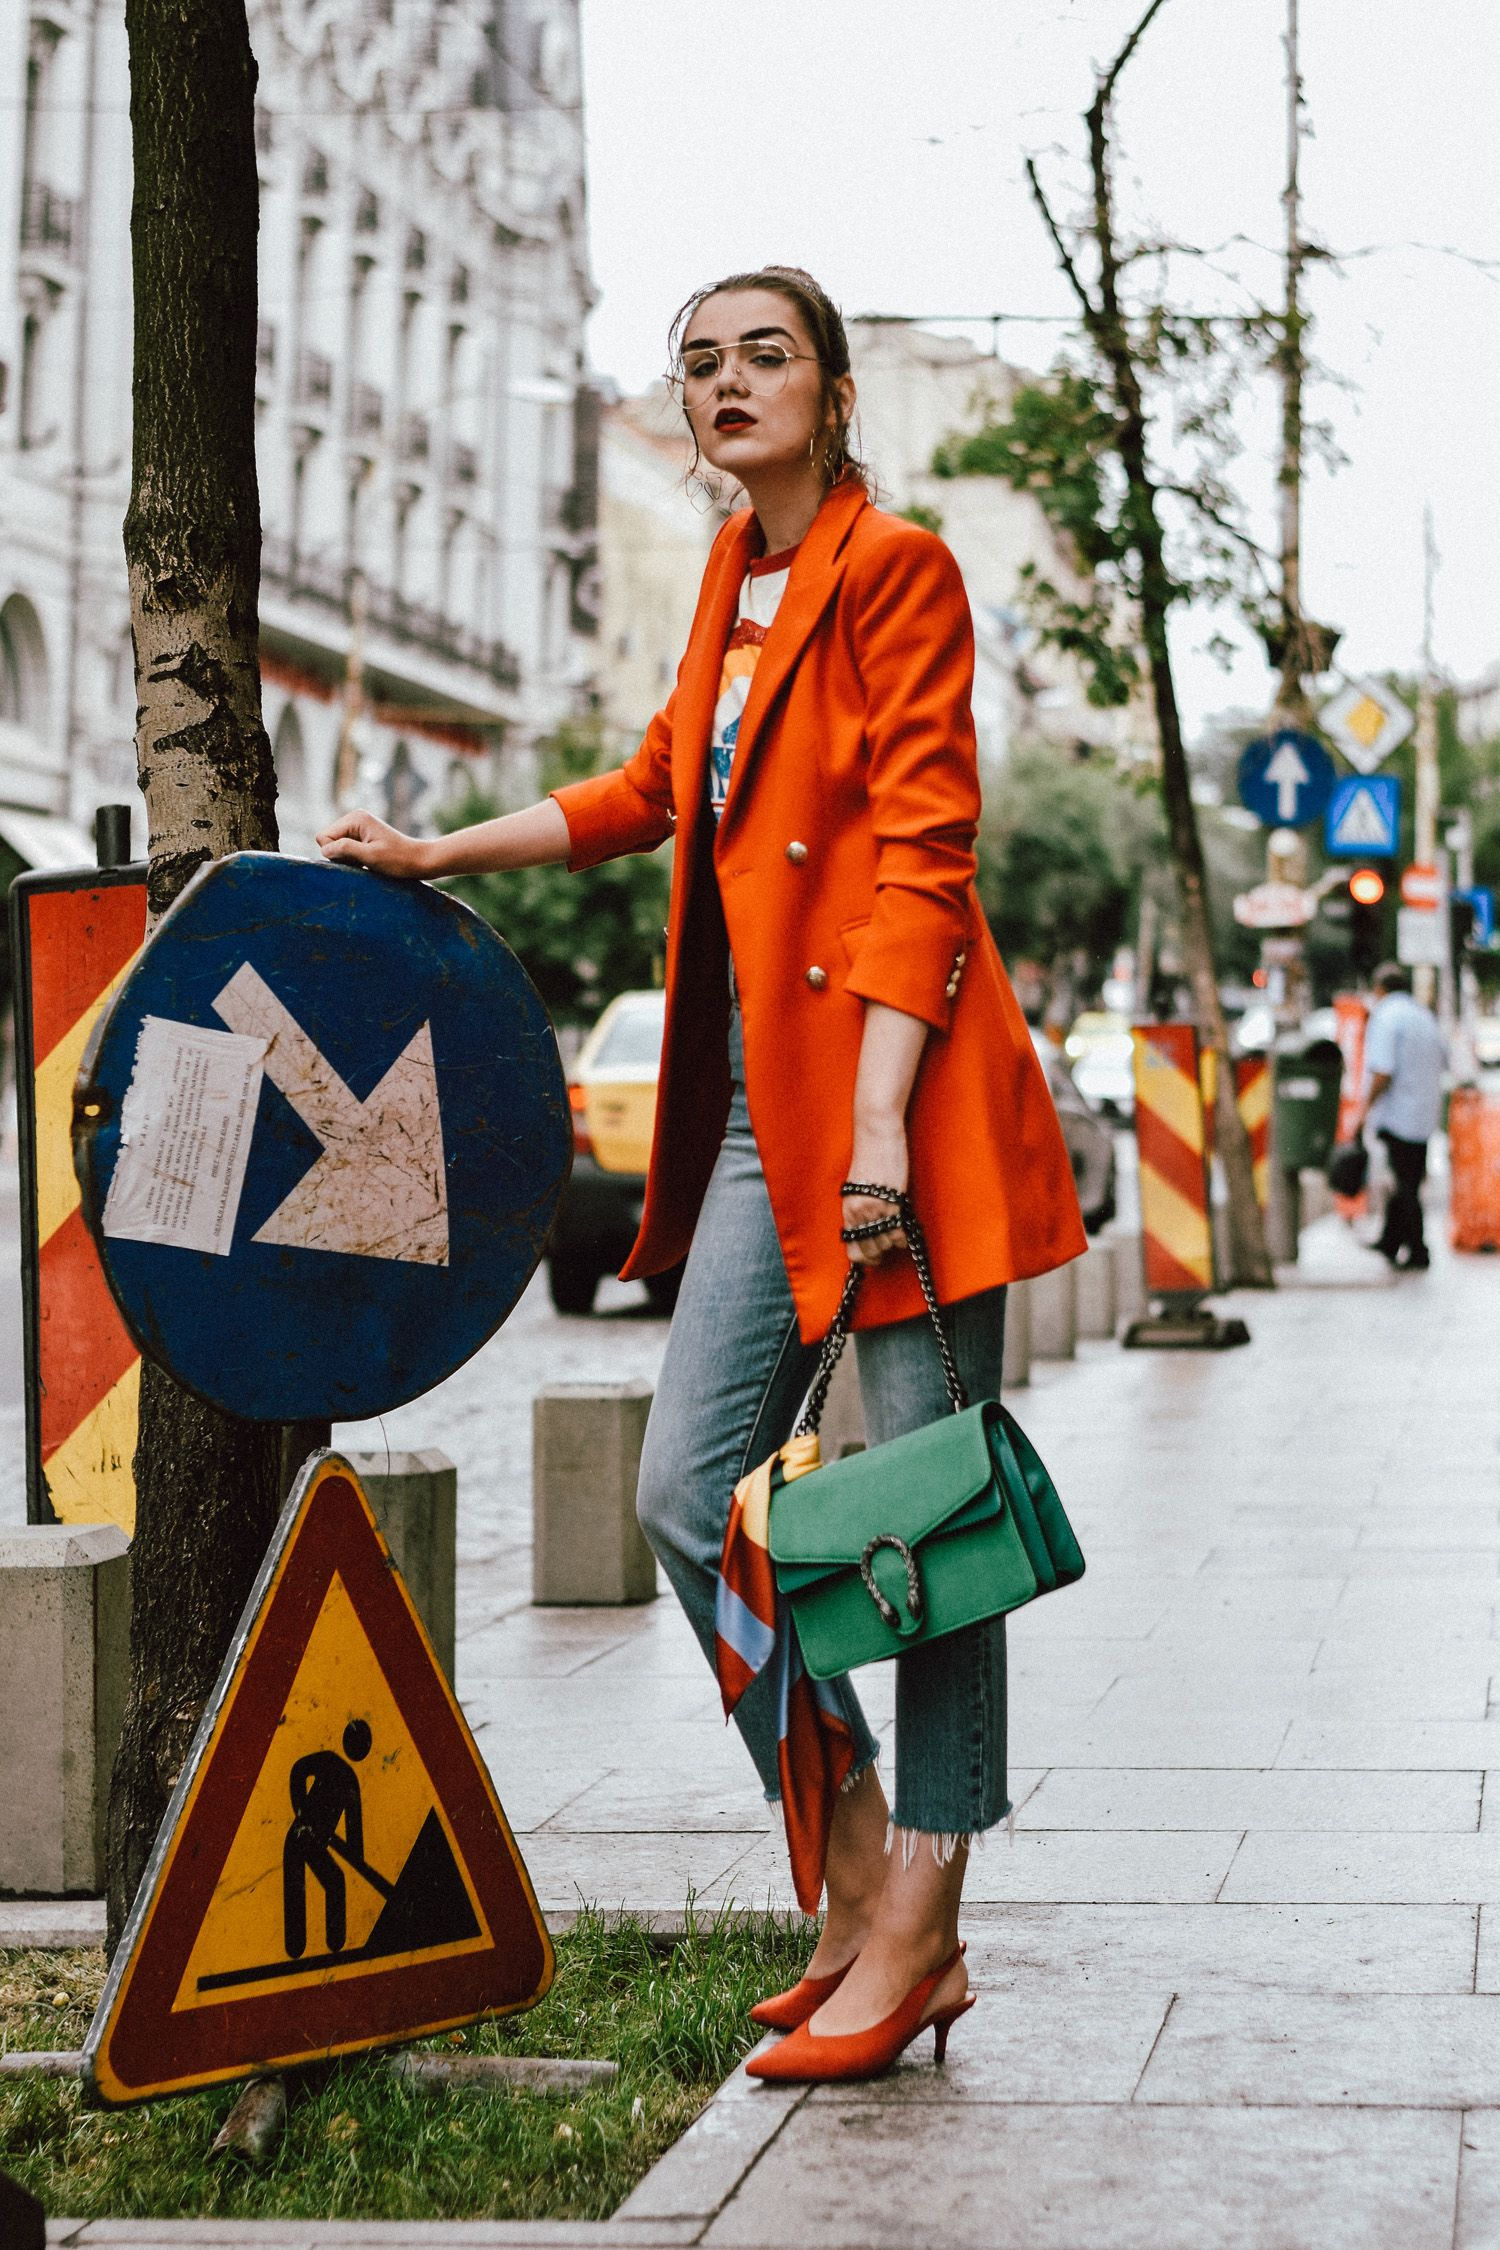 134be188ad4f Оранжевый блейзер Zara, двуручный пиджак из азоты, куртка с двубортным  курткой, золотые серьги, ретро-графический тесьма манго, футболка с цветным  блондином ...